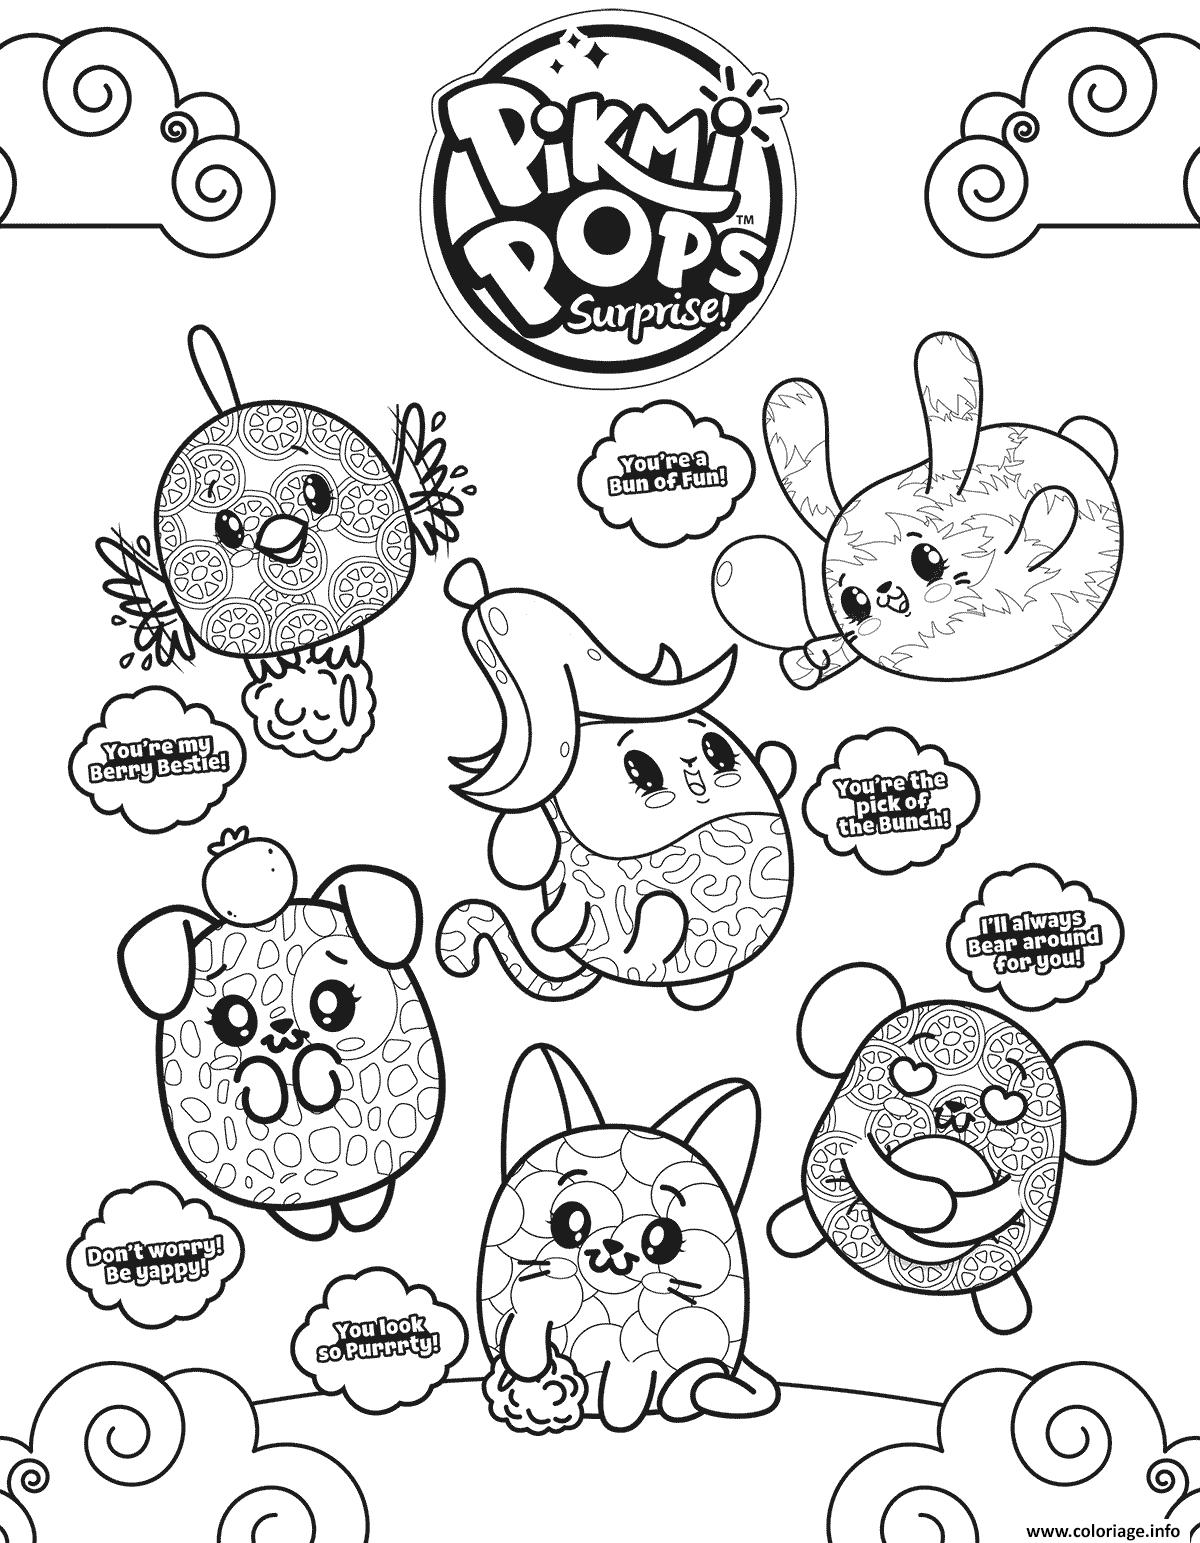 Dessin Pikmi Pops Coloriage Gratuit à Imprimer